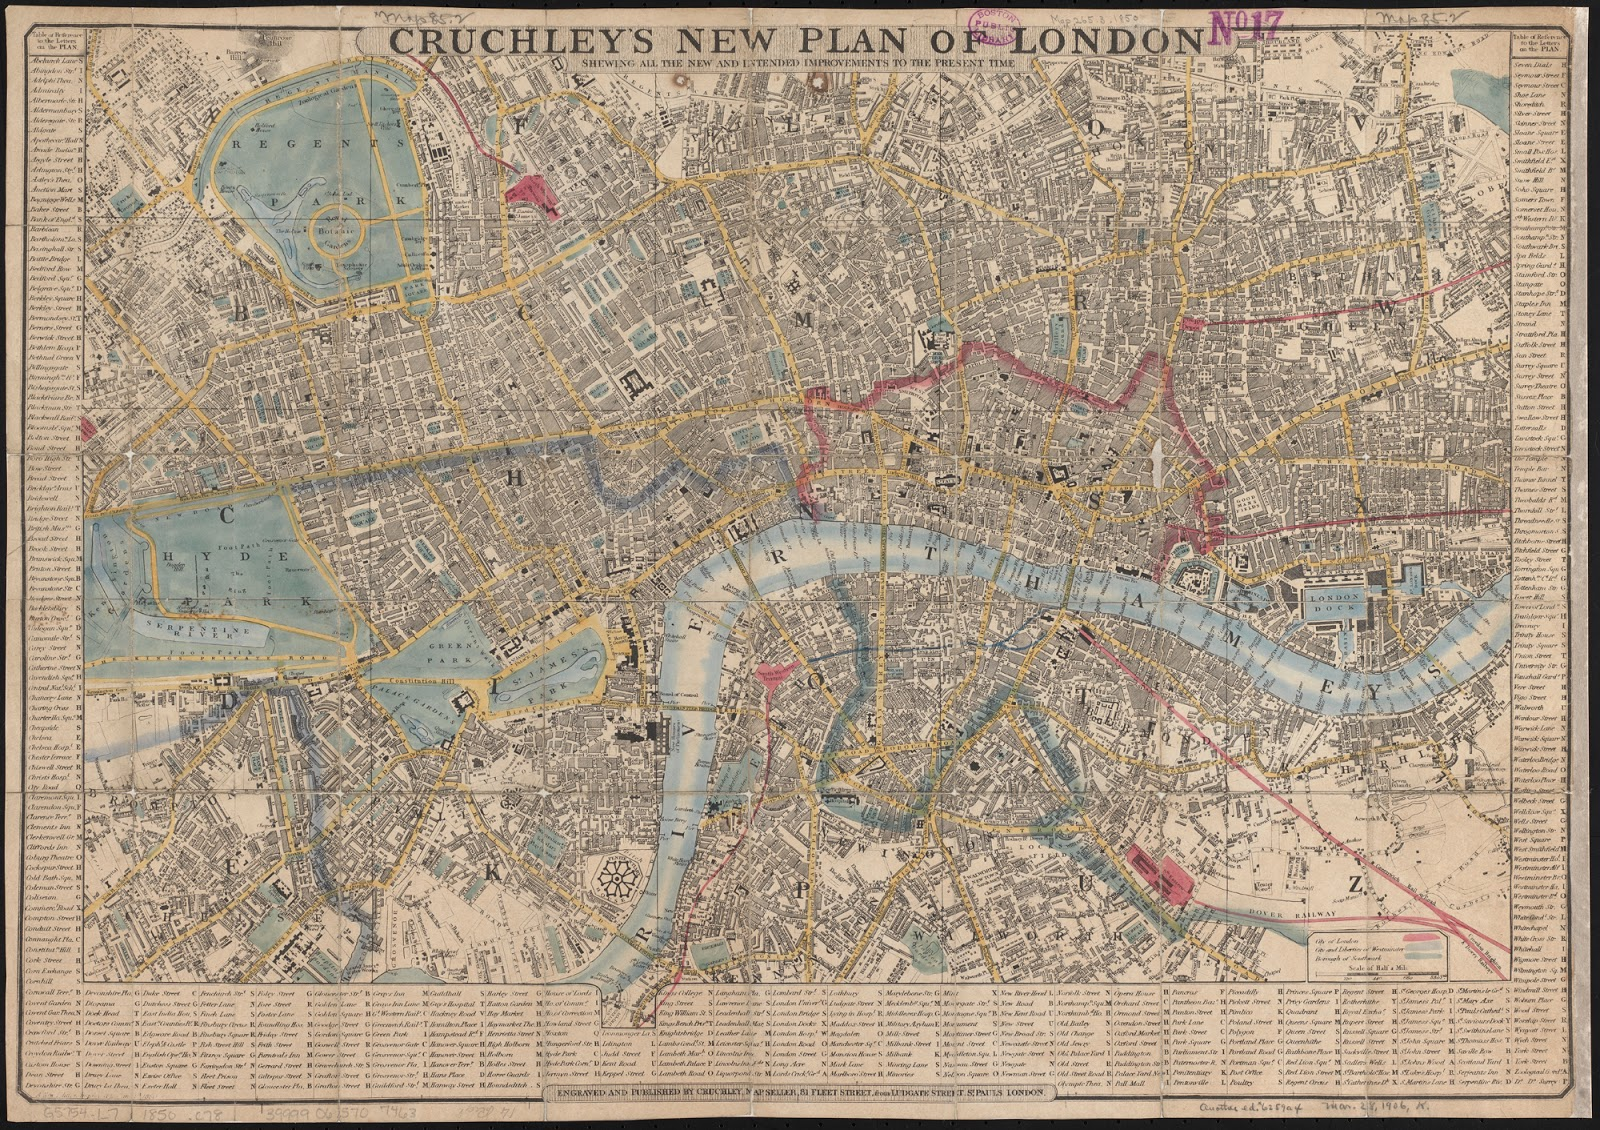 Cartina Metro Londra Con Monumenti.Rerum Romanarum Mappa Di Londra Cruchley 1850